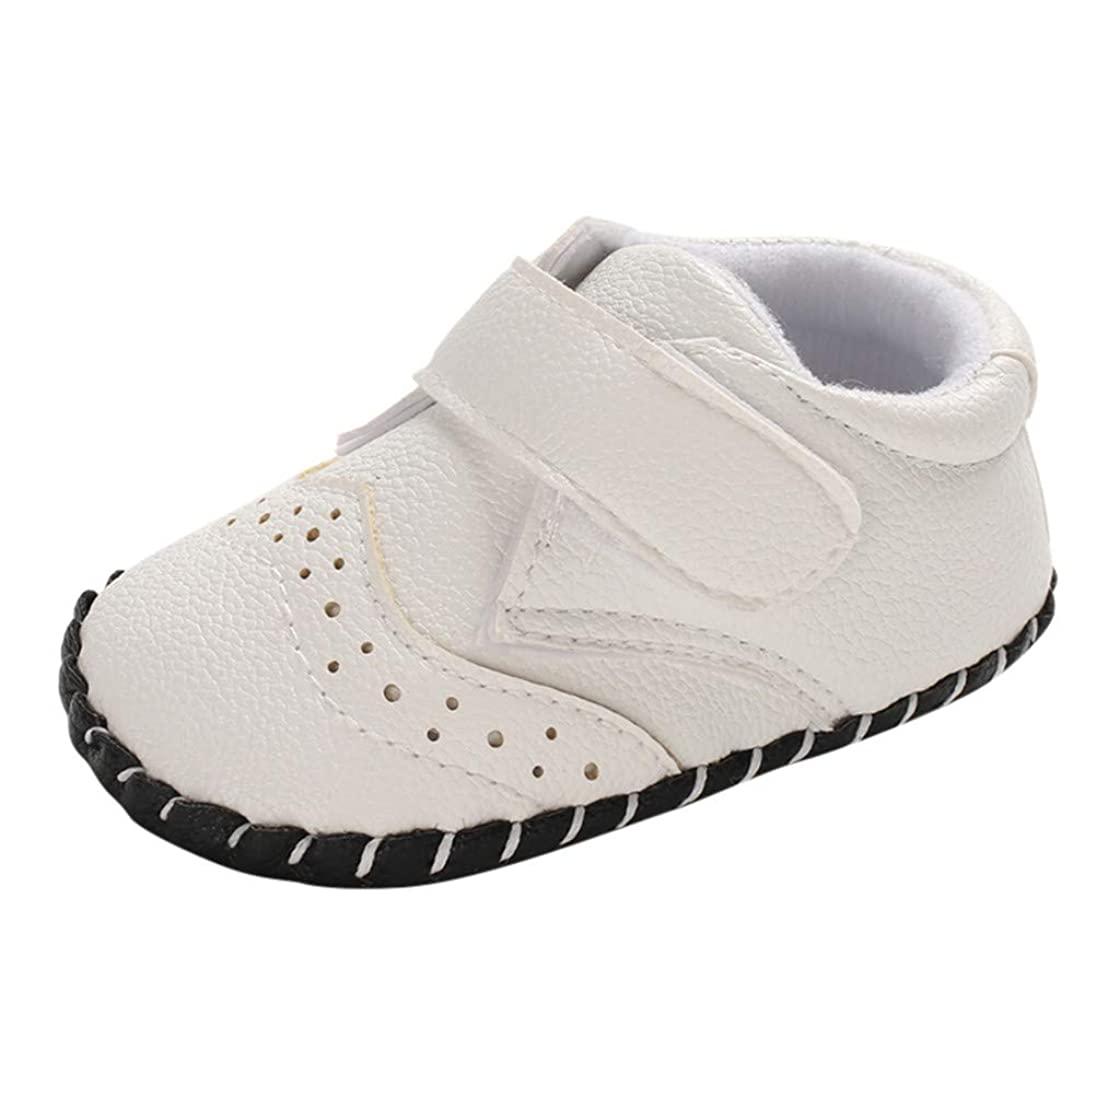 参照ドライバ暴露Eldori 幼児の靴 ファッション 可愛い 幼児 赤ちゃん子供 最初の弓シングル王女 靴を歩きますラバーソール滑り止めベビーシューズカジュアルシューズ小さな靴 通気 履き心地いい 記念日 0-15ヶ月